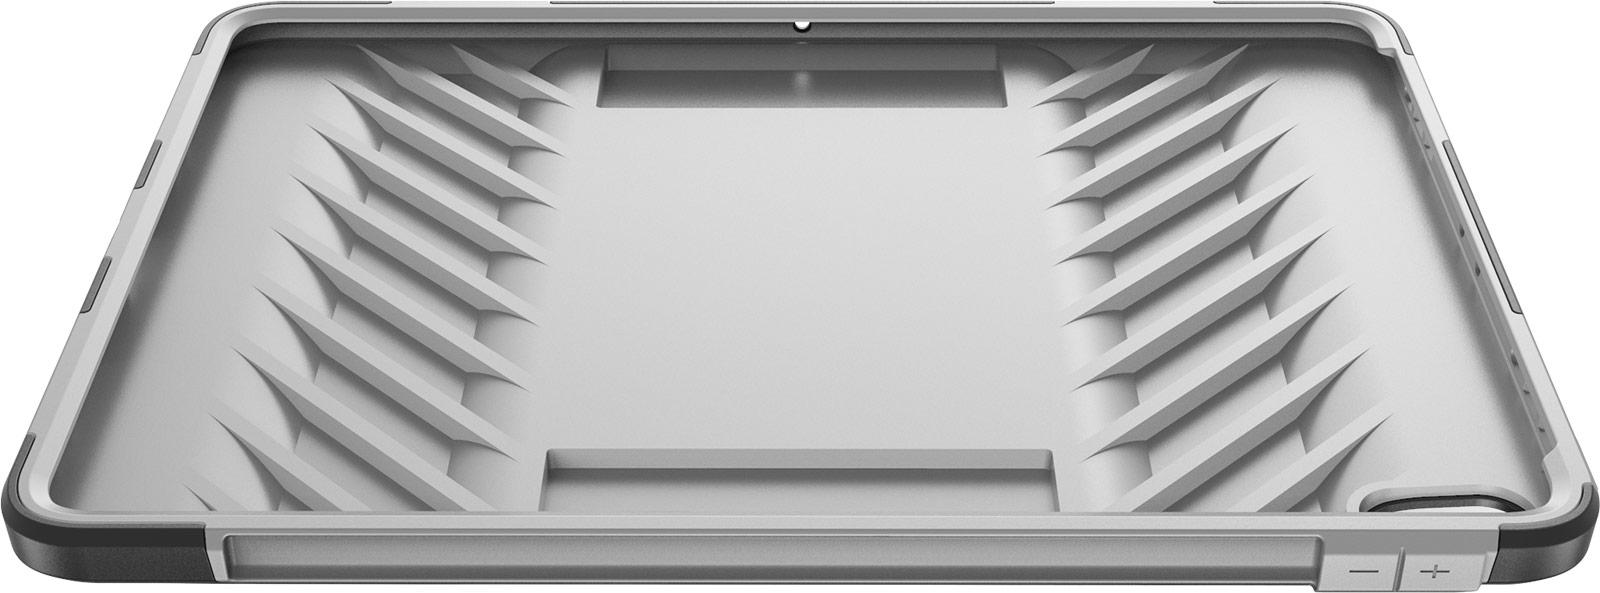 pelican c46120 ipad pro 11 military spec case